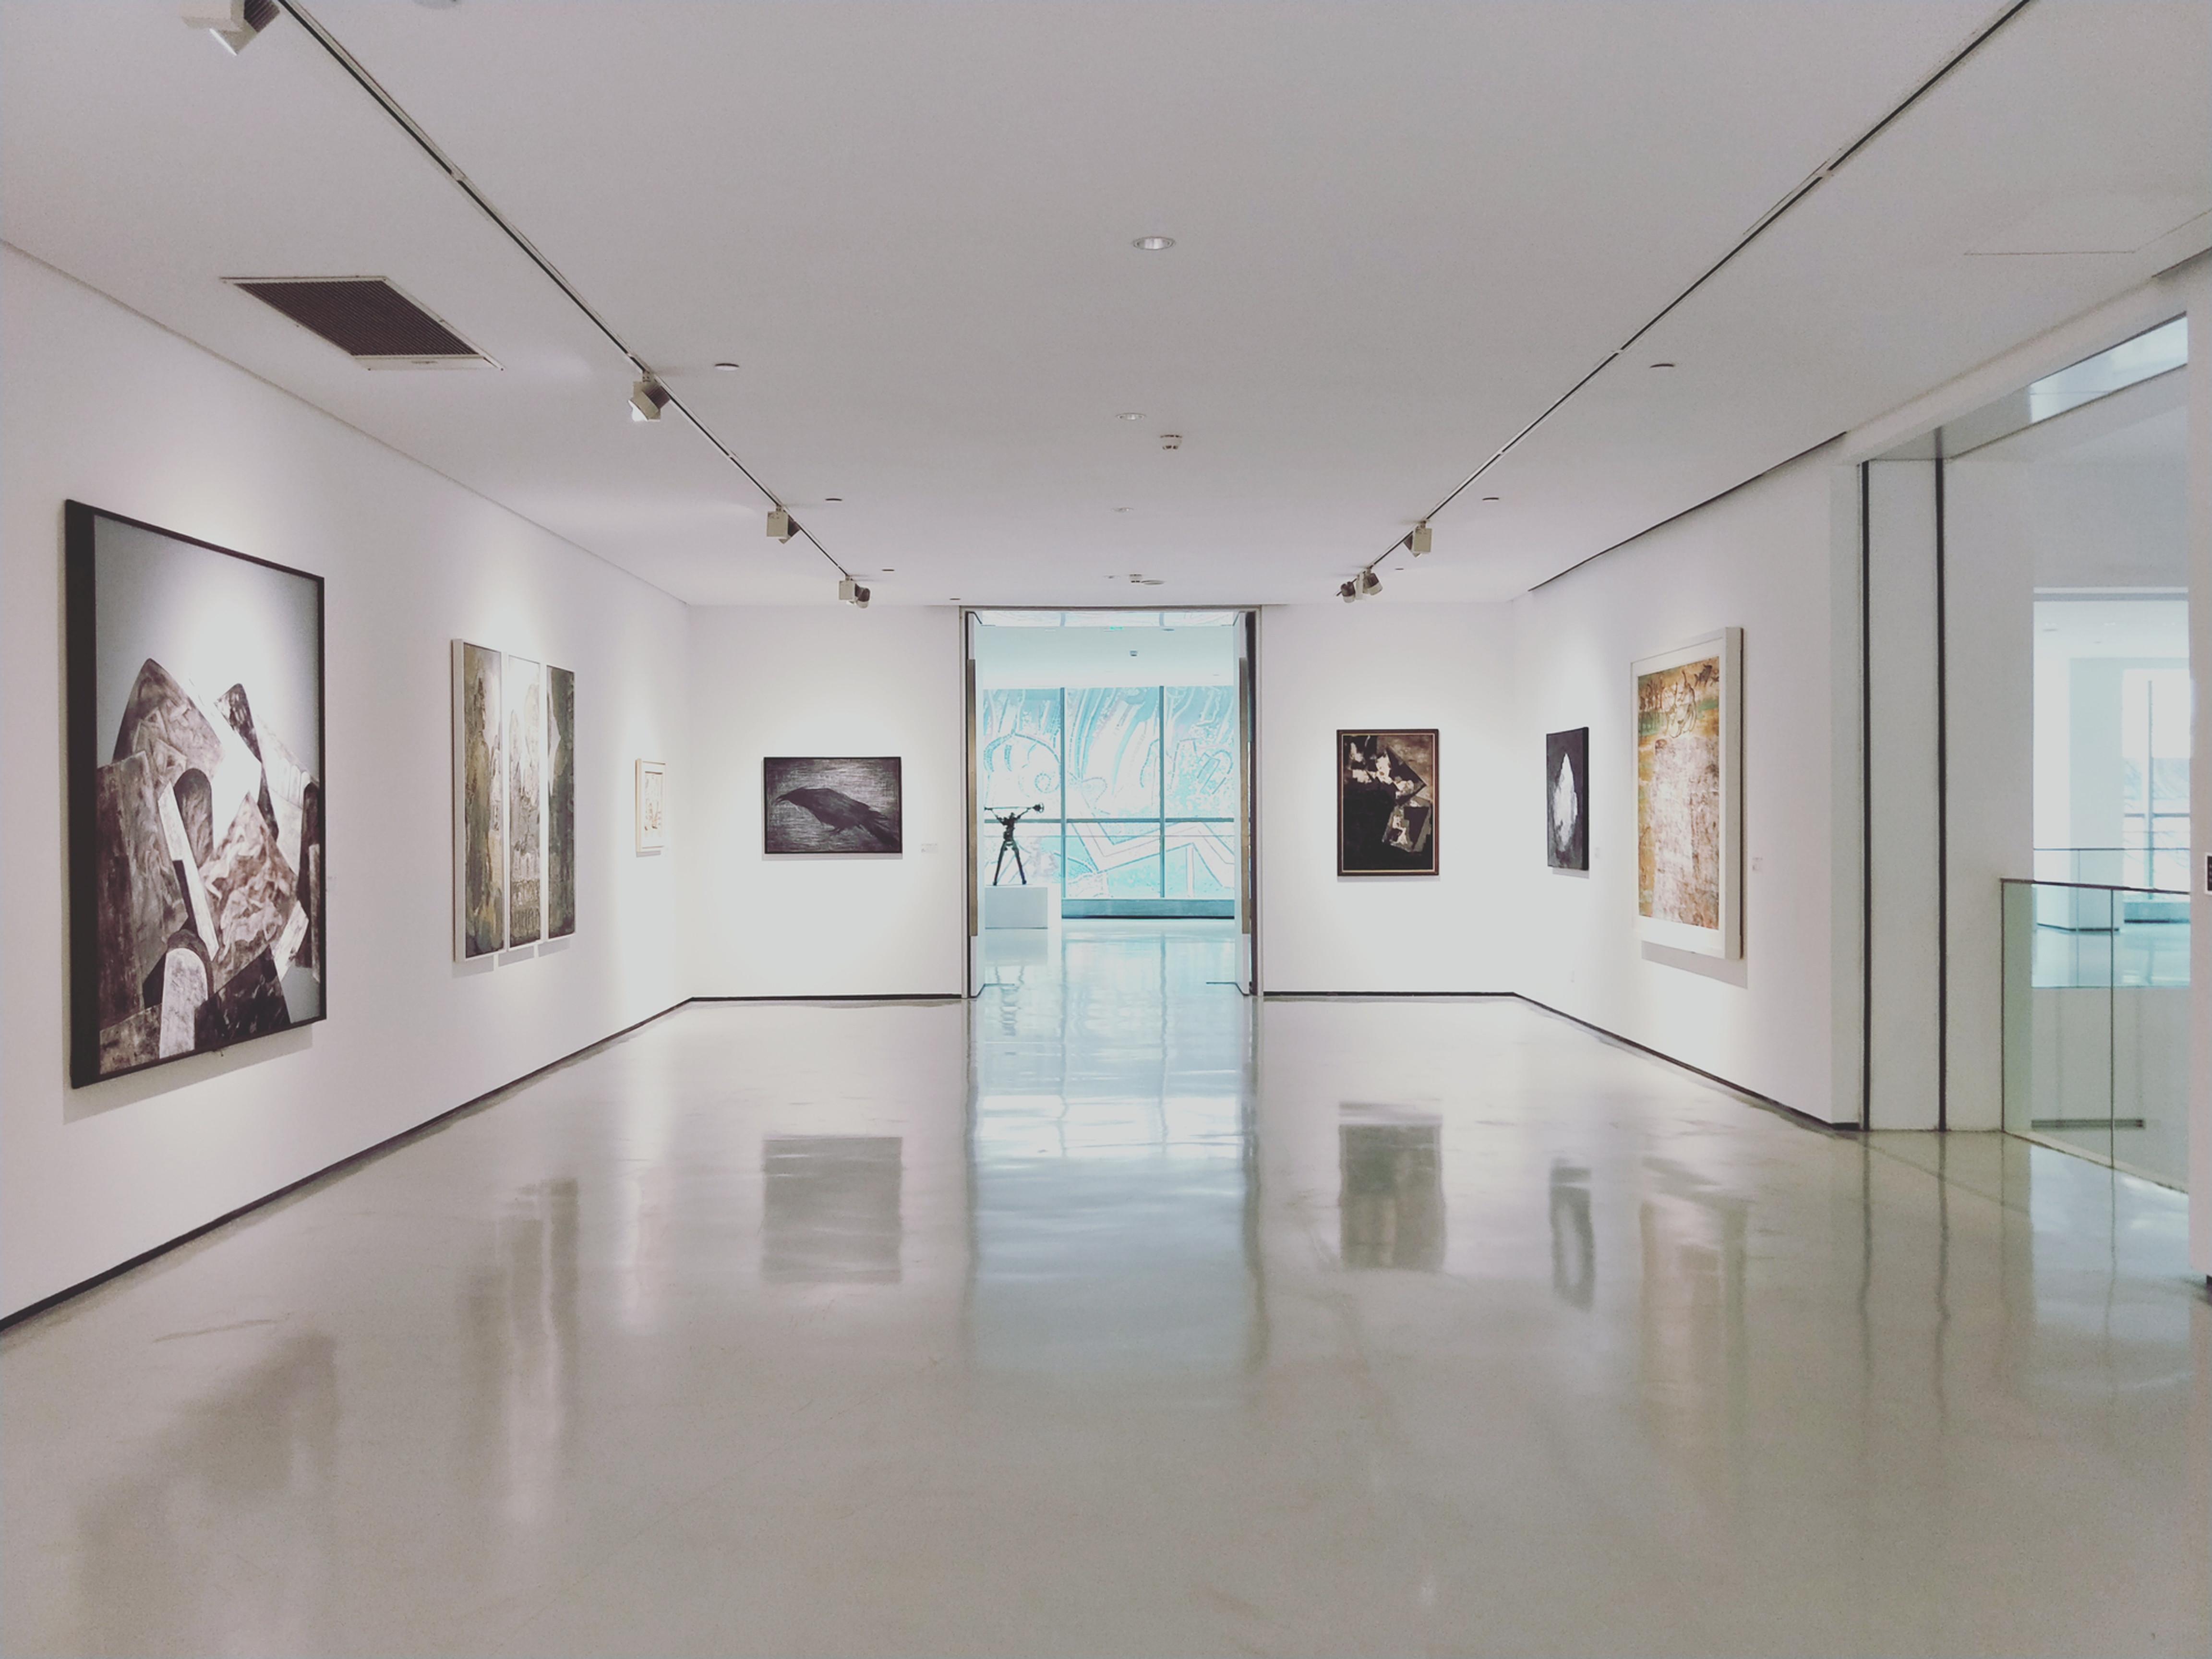 Virtual Gallery Exhibition Design